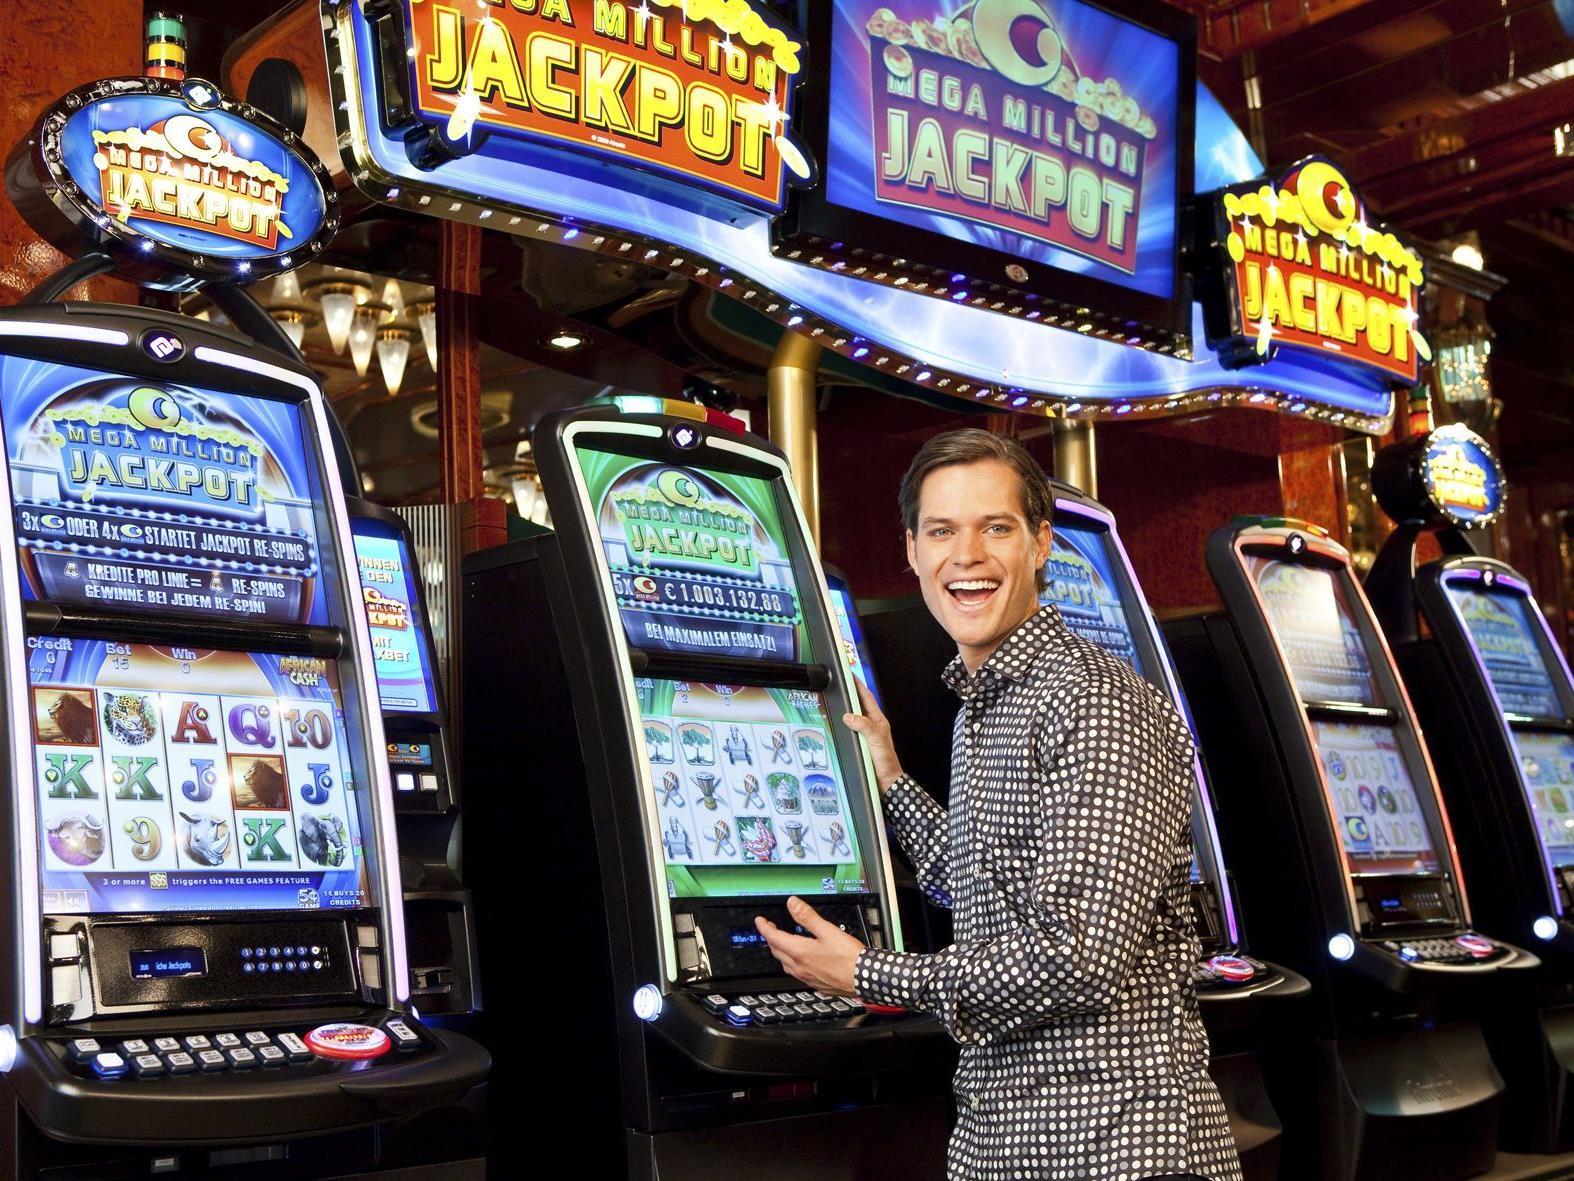 Der Mega Million Jackpot wurde in Innsbruck geknackt.